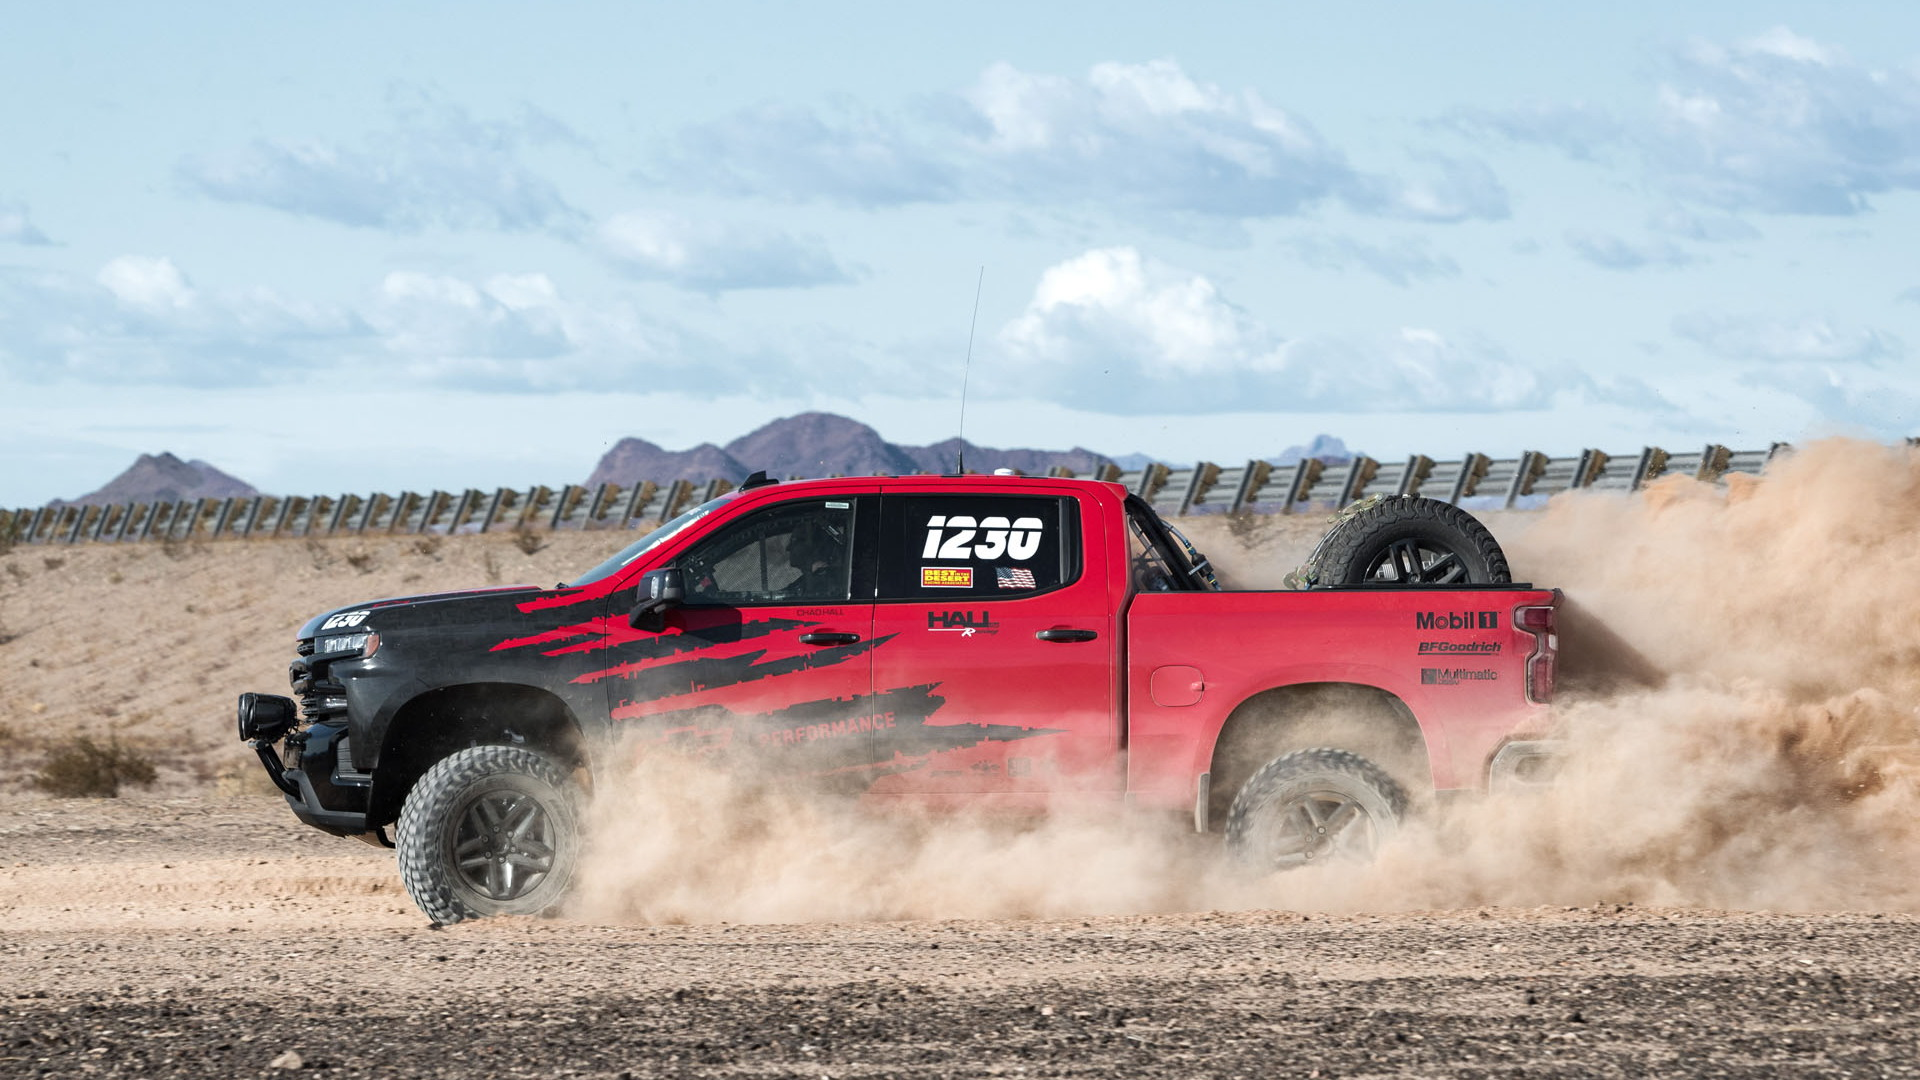 Hall Racing Chevrolet Silverado race truck